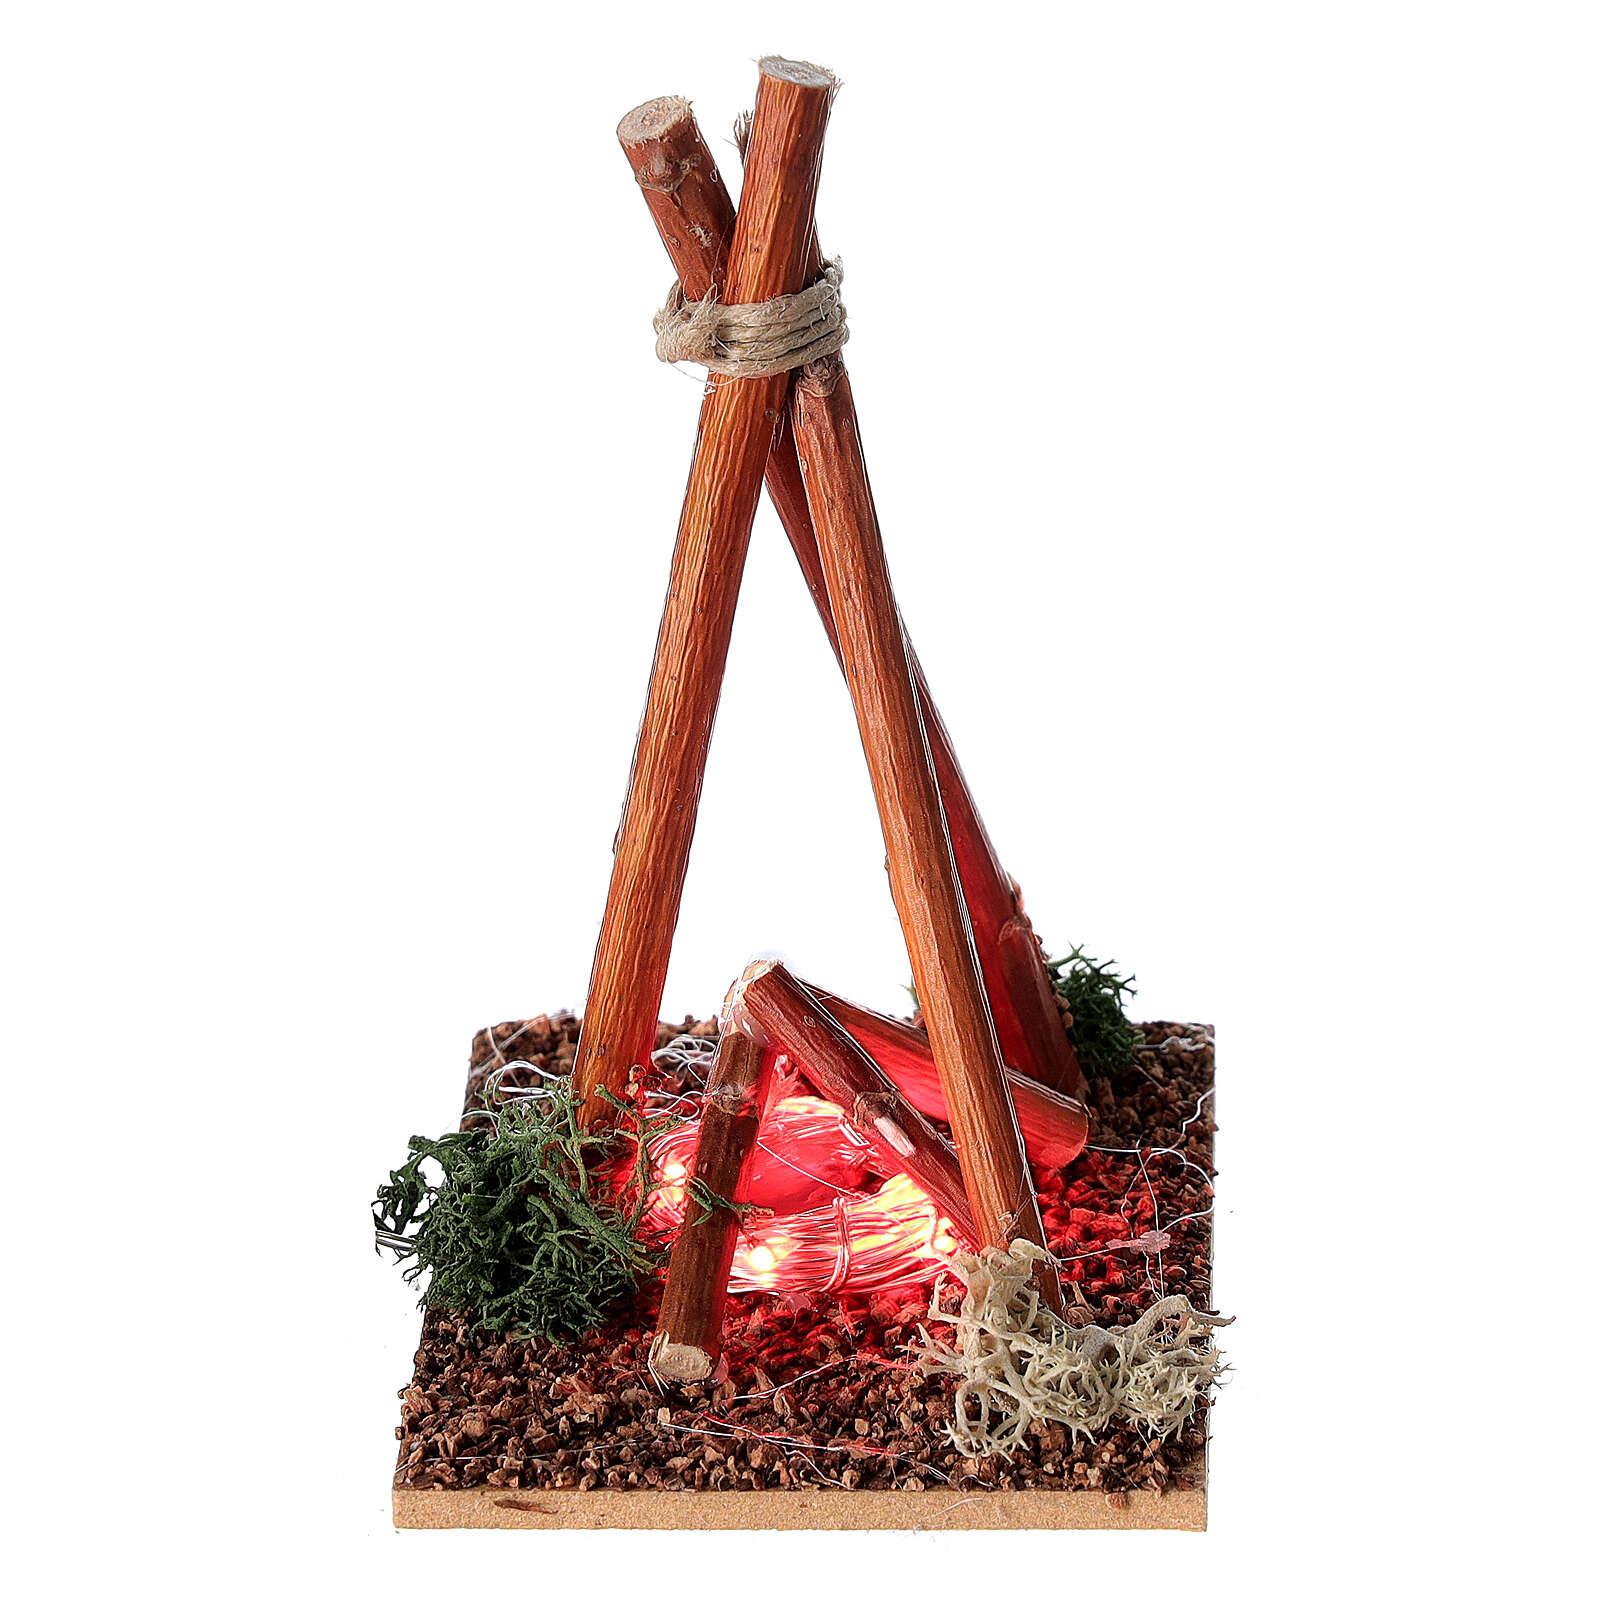 Feuerstelle mit Flammen für Krippe, 8-10 cm 4